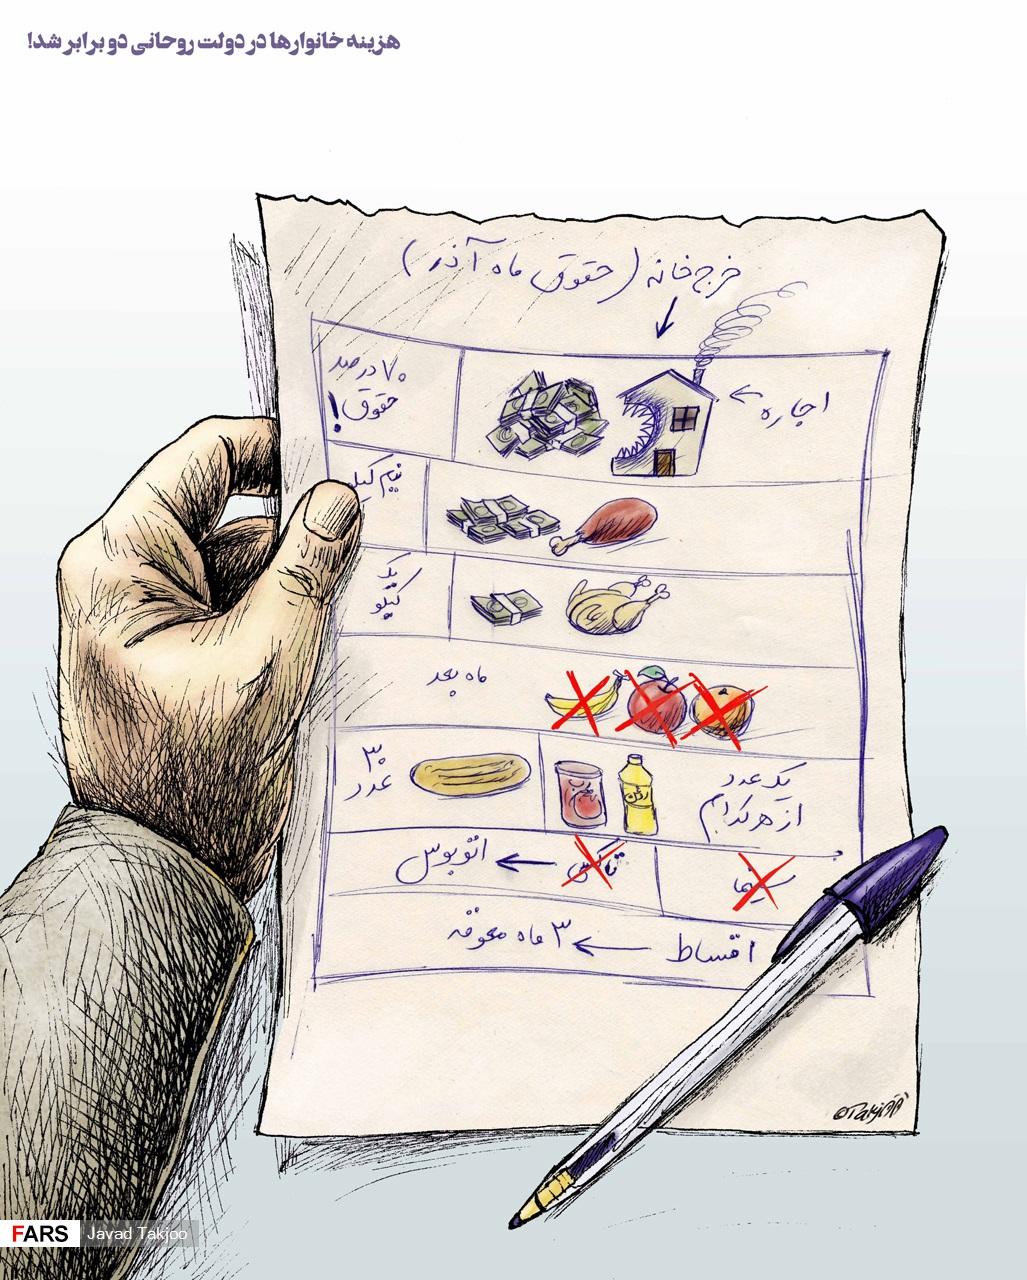 کاریکاتور: لیست لو رفته خرج خانه!